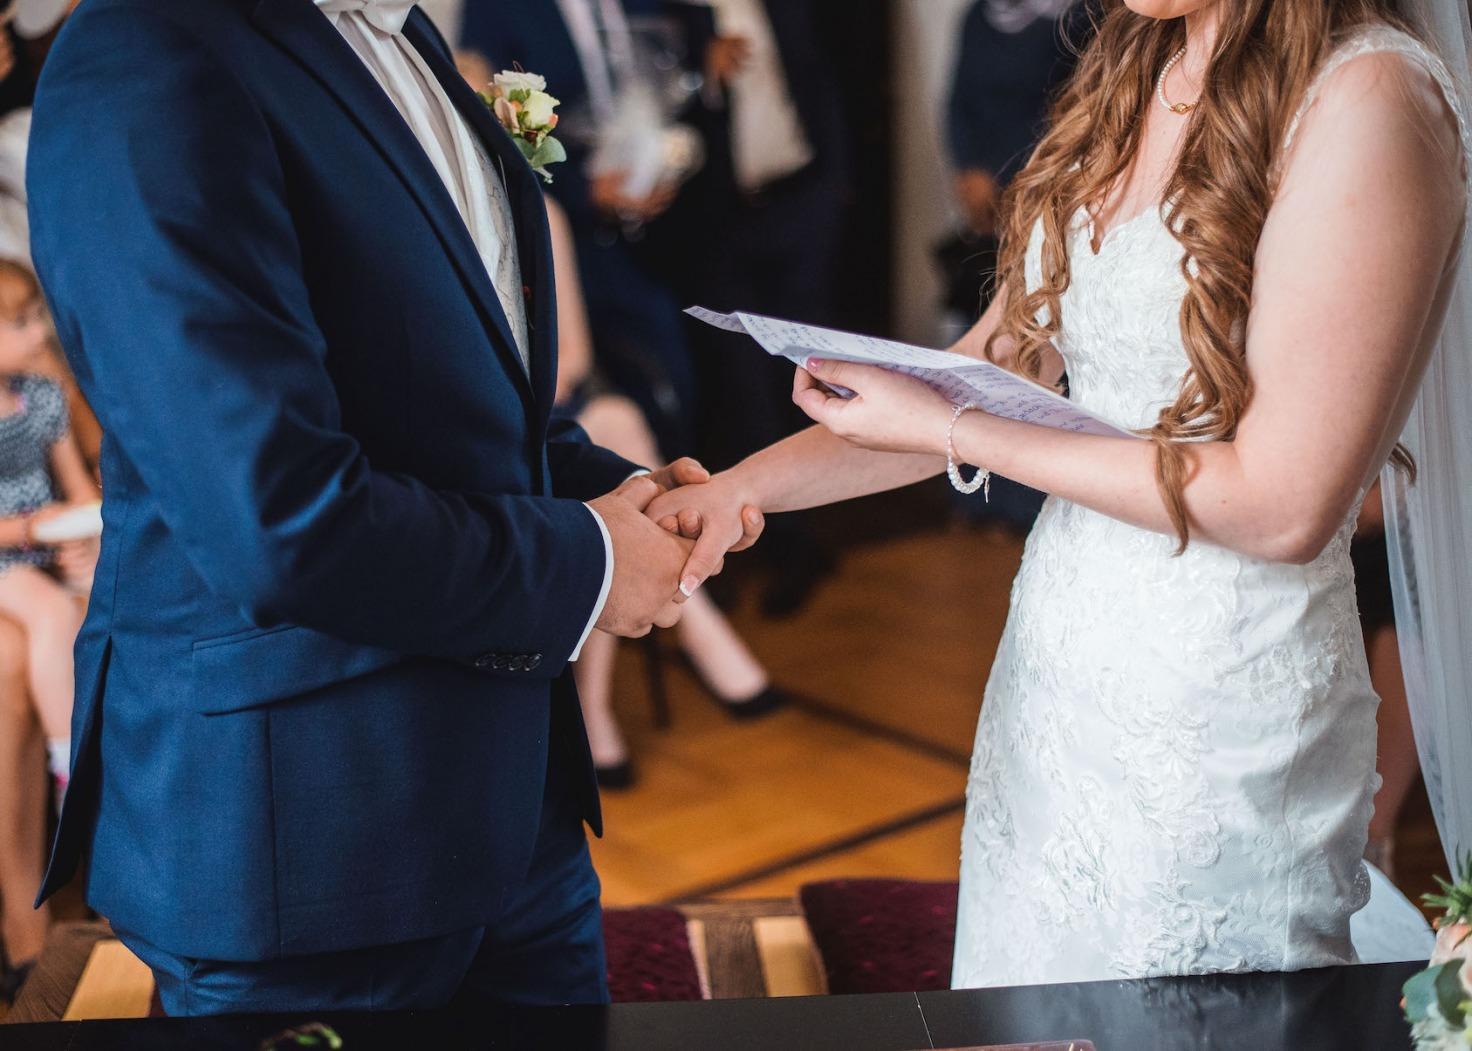 Hochzeit von Katharina und Mustafa in Münster: Brautpaar gibt sich die Hand